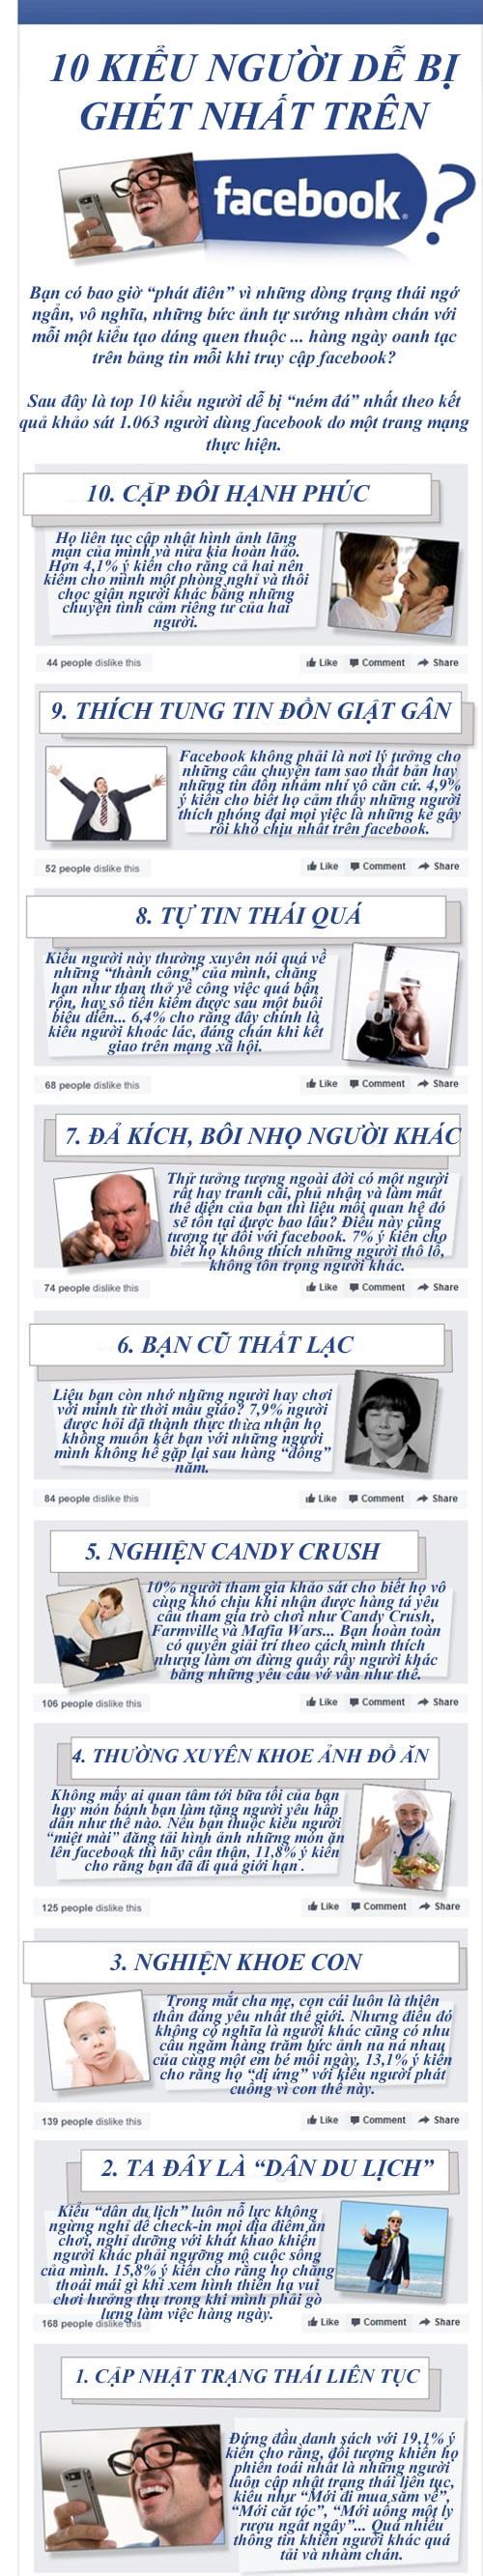 Bạn có thuộc kiểu người bị ghét trên Facebook?-1